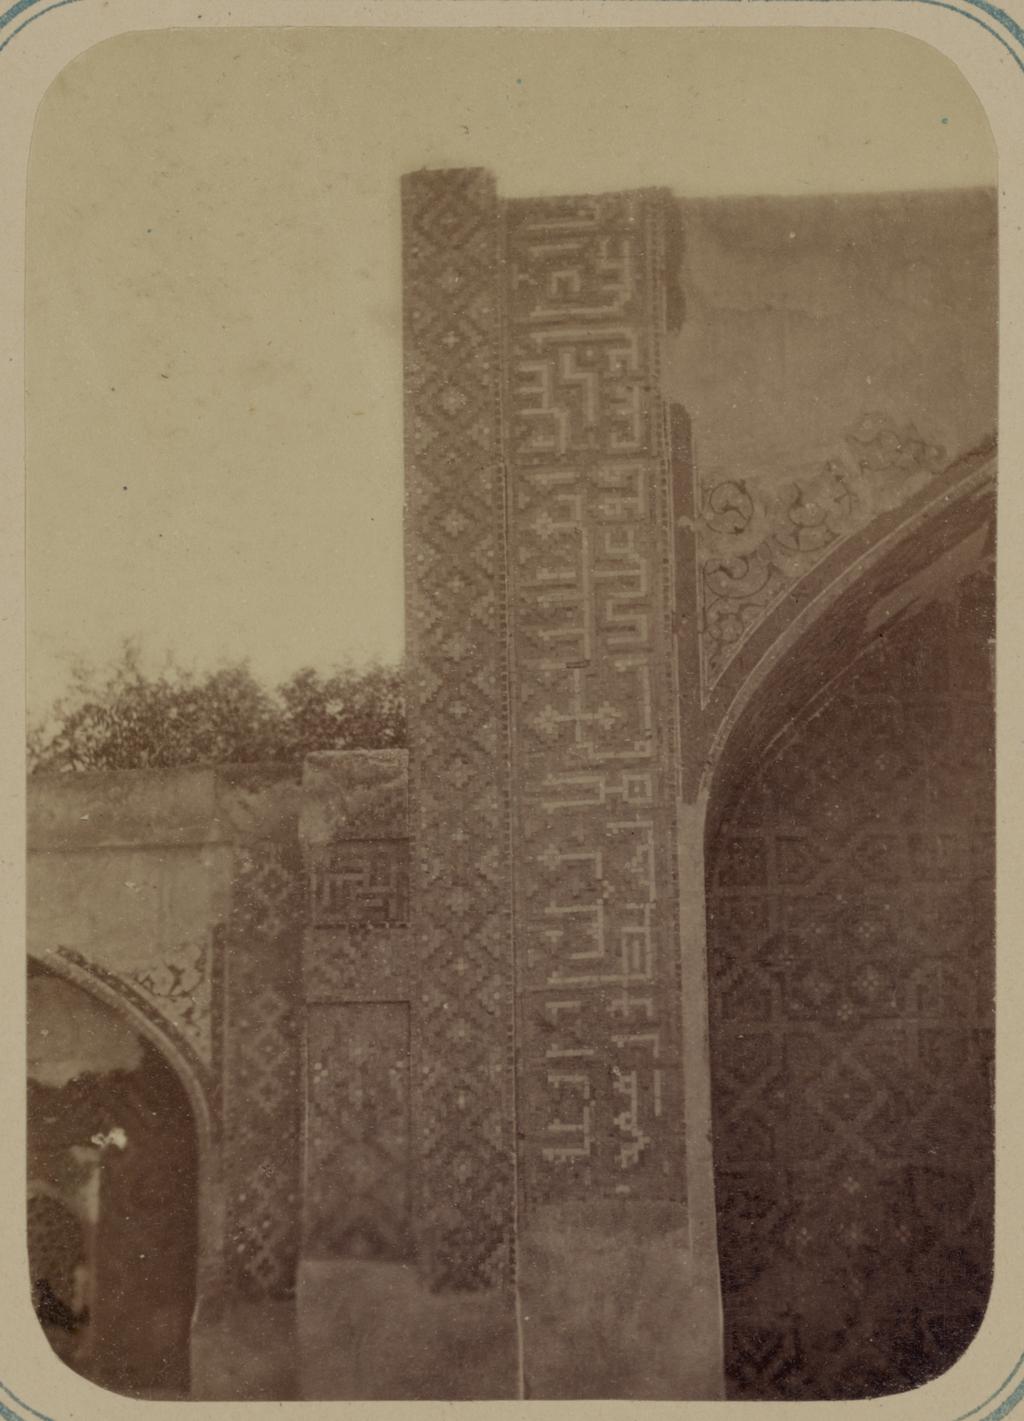 Медресе Надир Диван-Беги. Надписи по сторонам главной ниши южного фасада